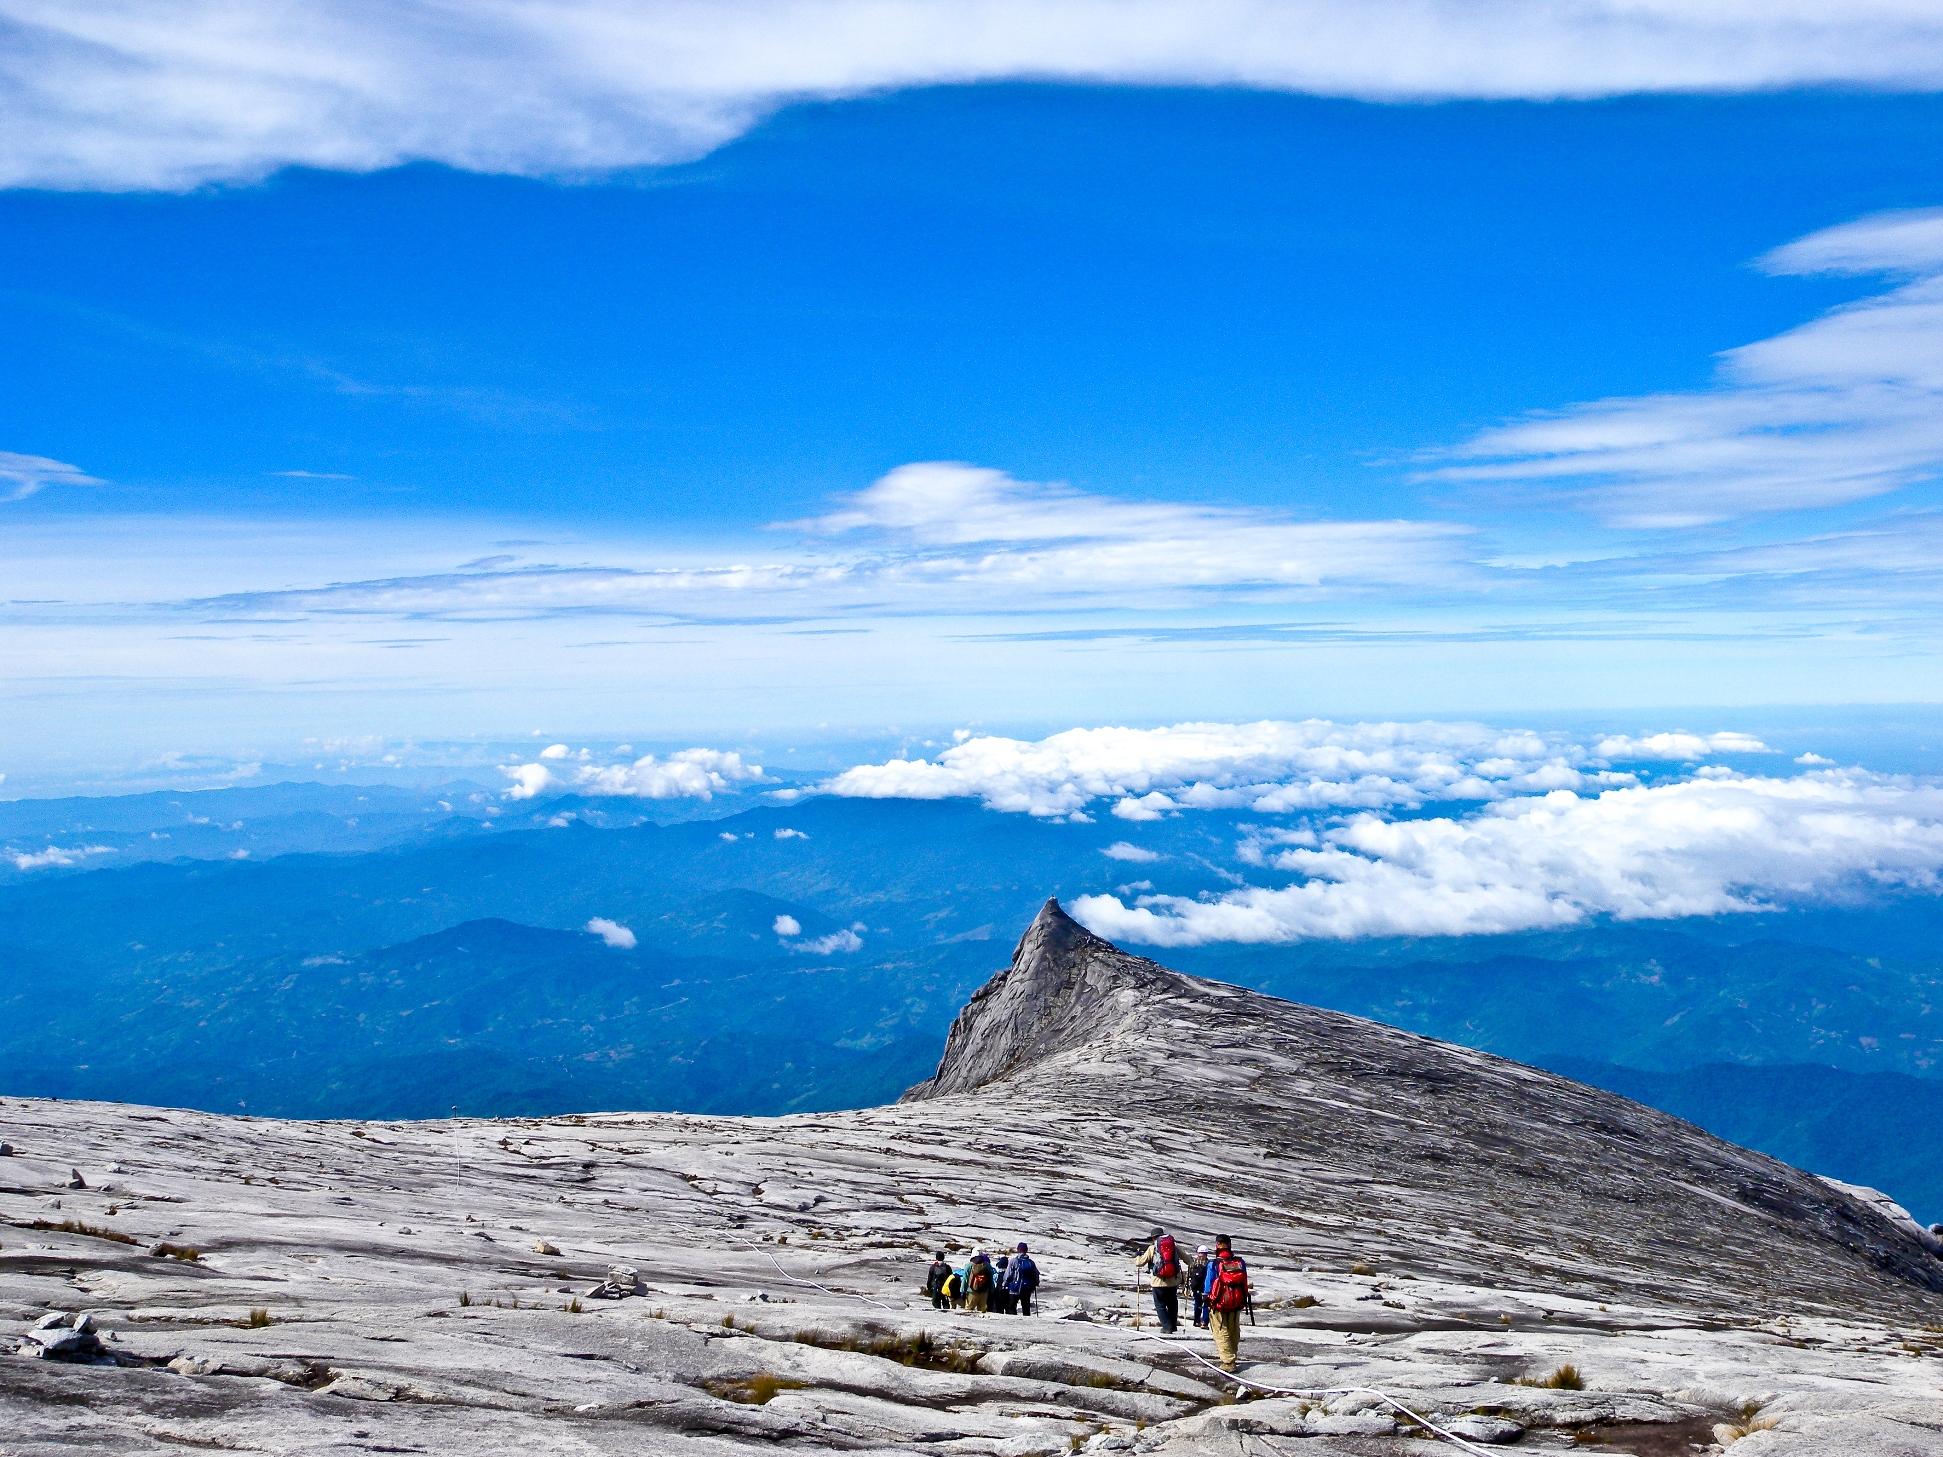 登頂後、雄大な景色の中を充実感に満たされつつ下る